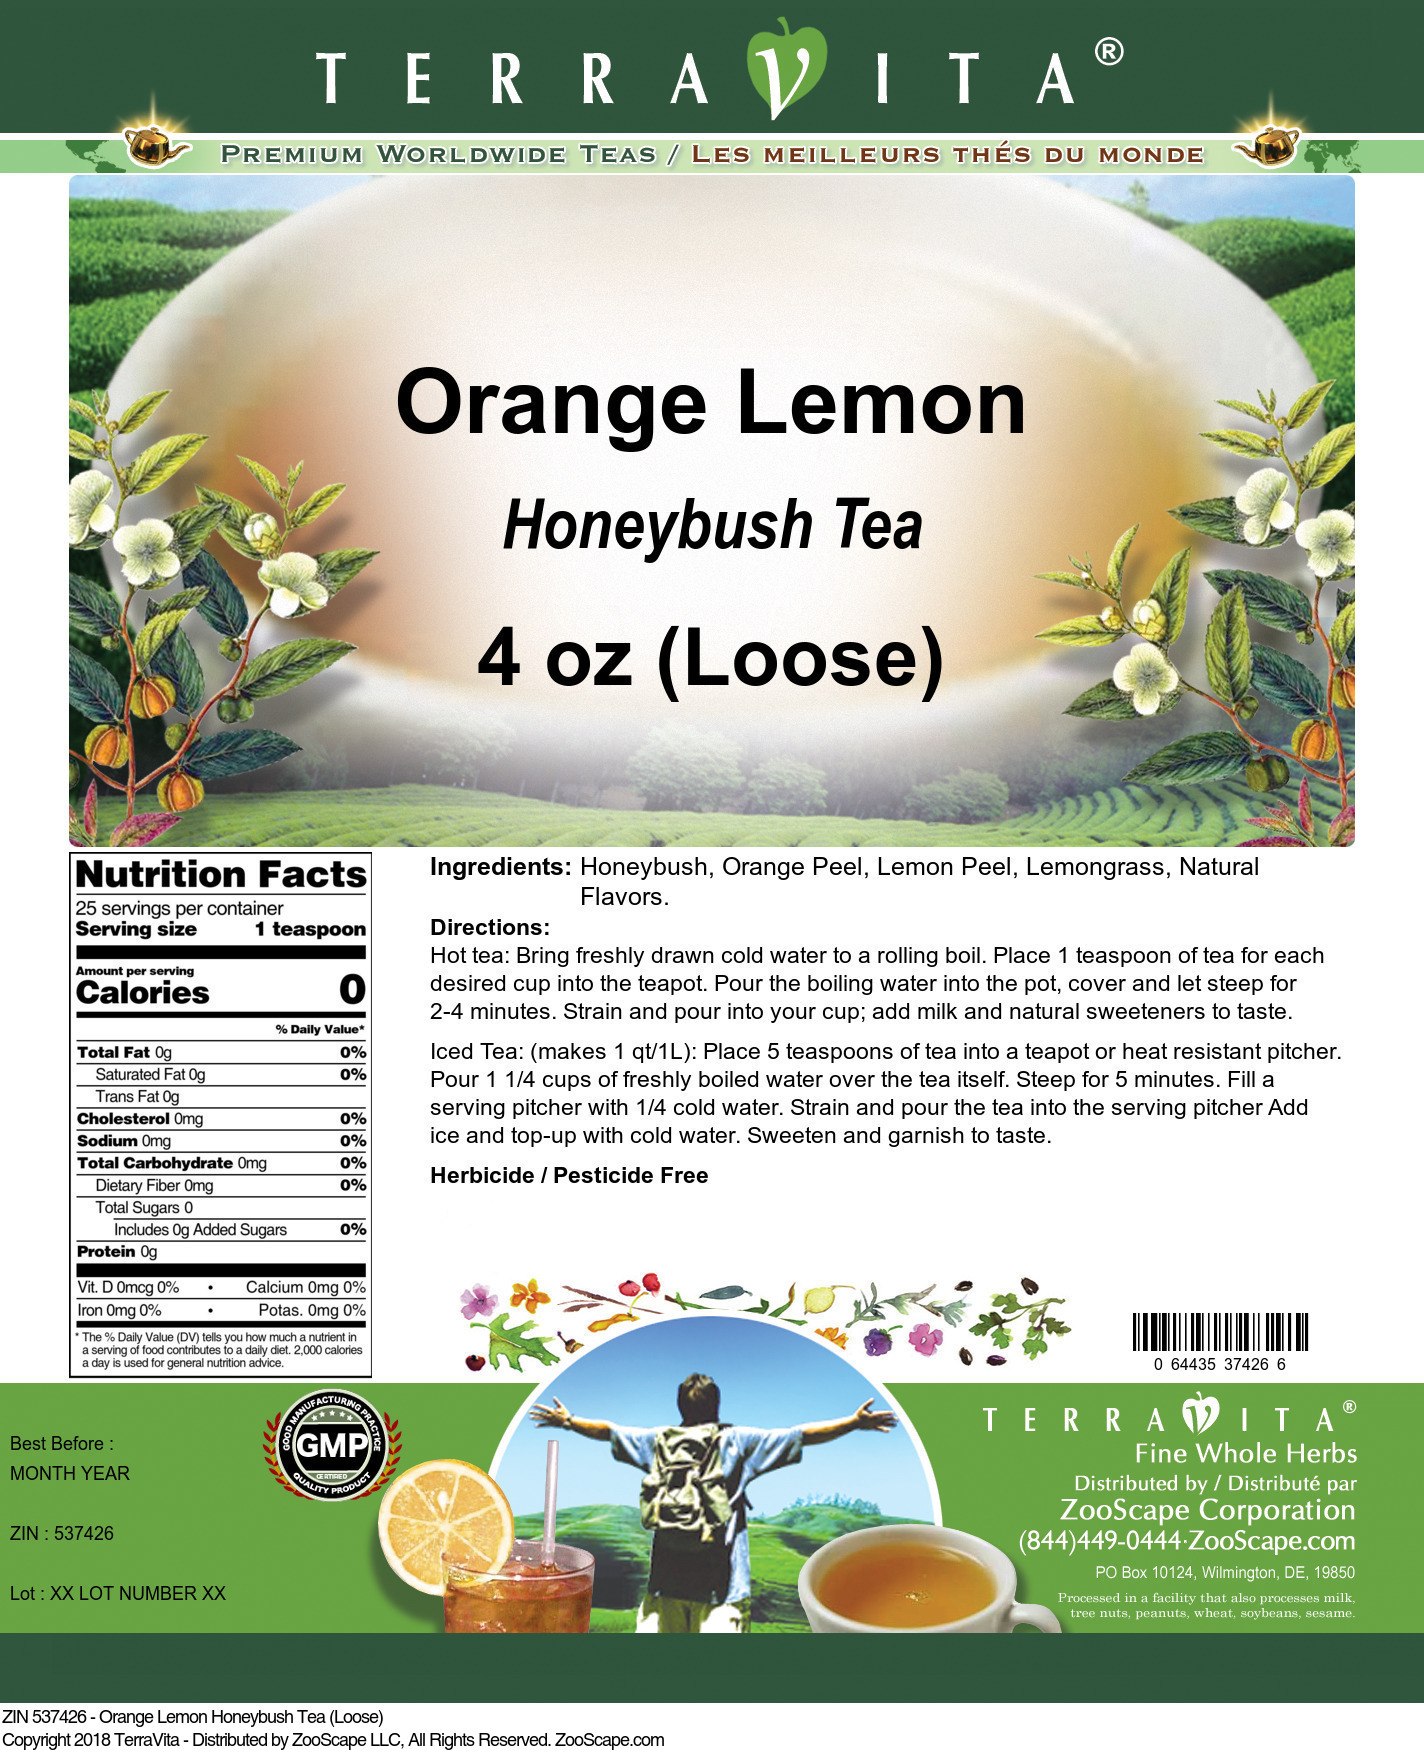 Orange Lemon Honeybush Tea (Loose)